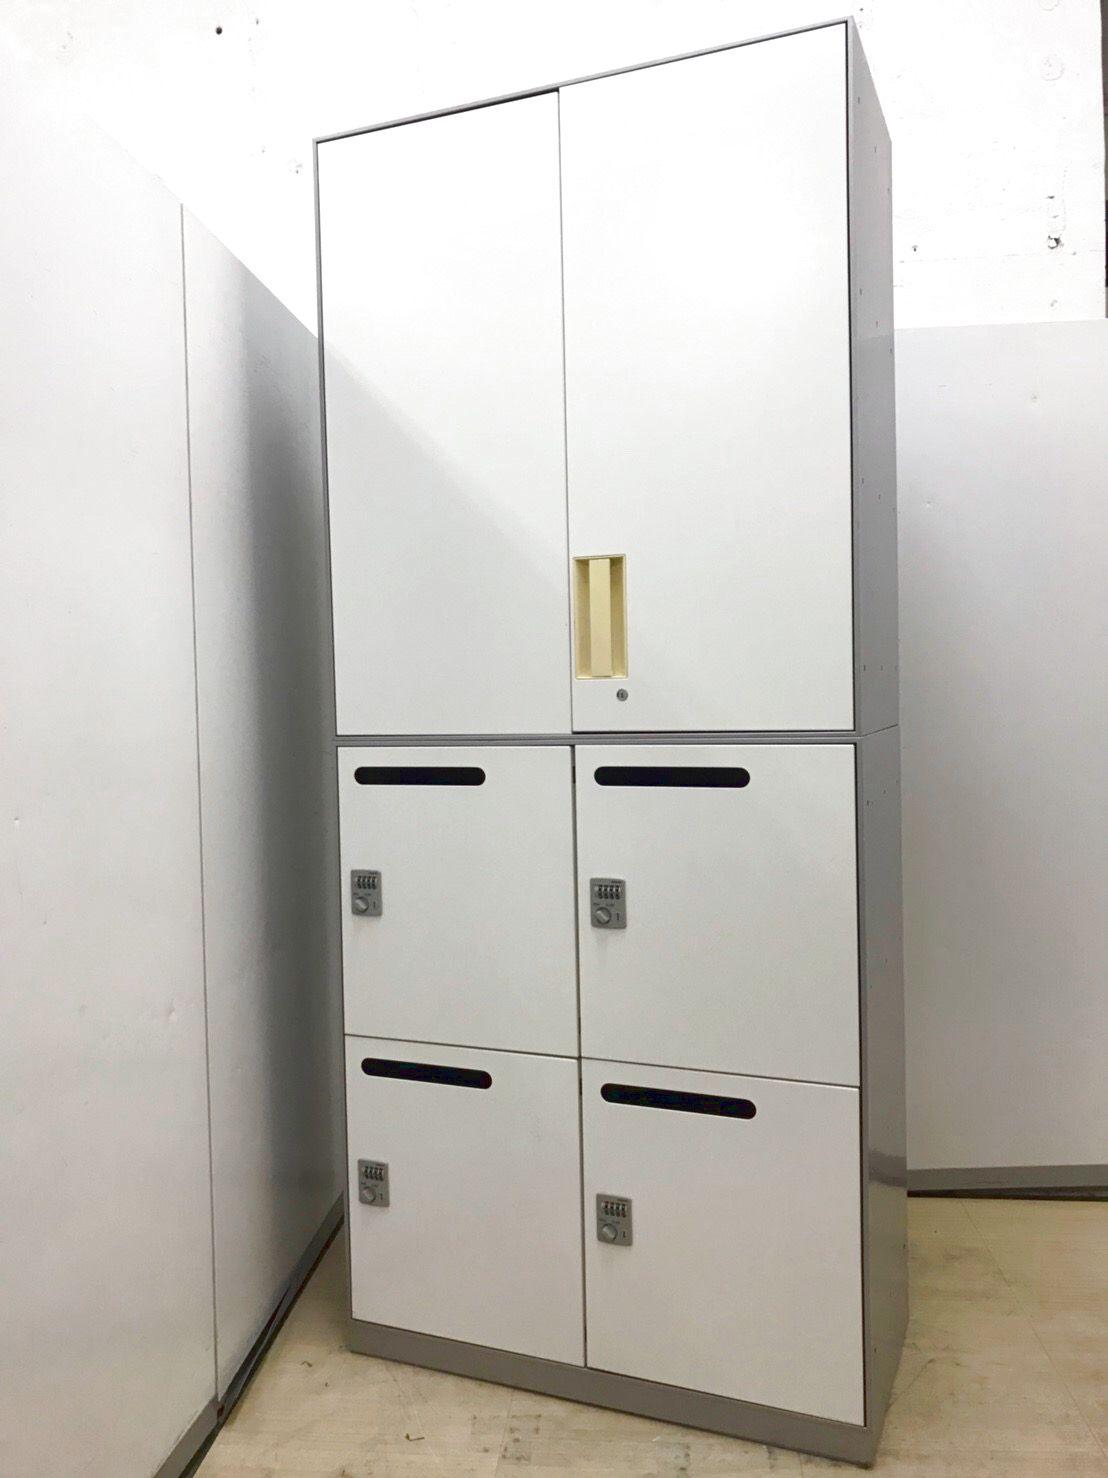 珍しい書庫セットの入荷です!上両開き書庫+下メールロッカーの組み合わせの書庫です!